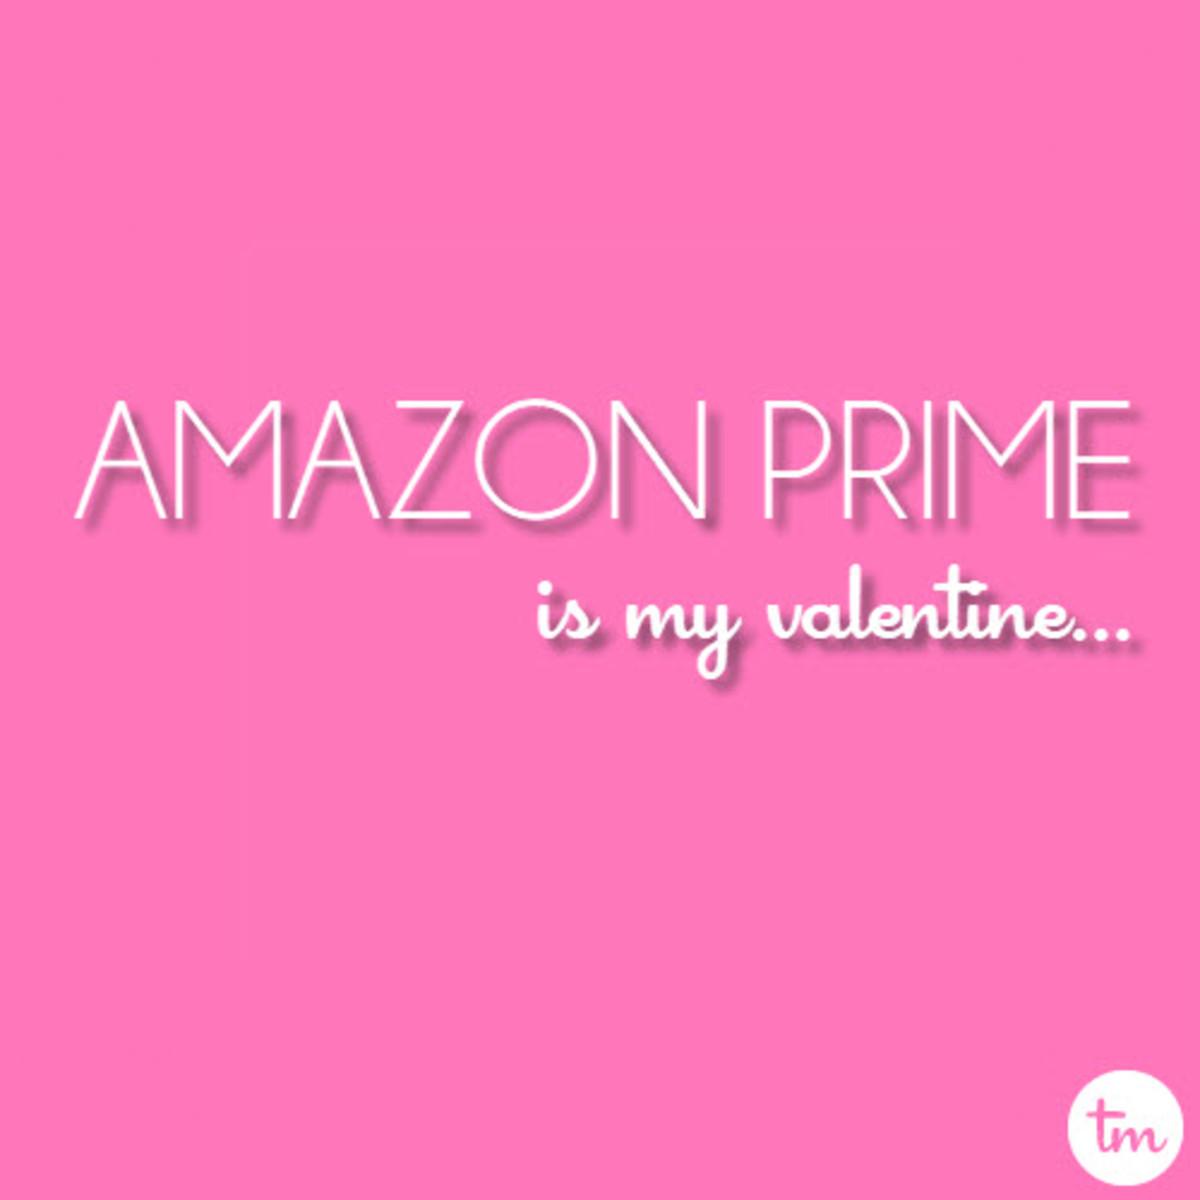 amazon-prime-valentine